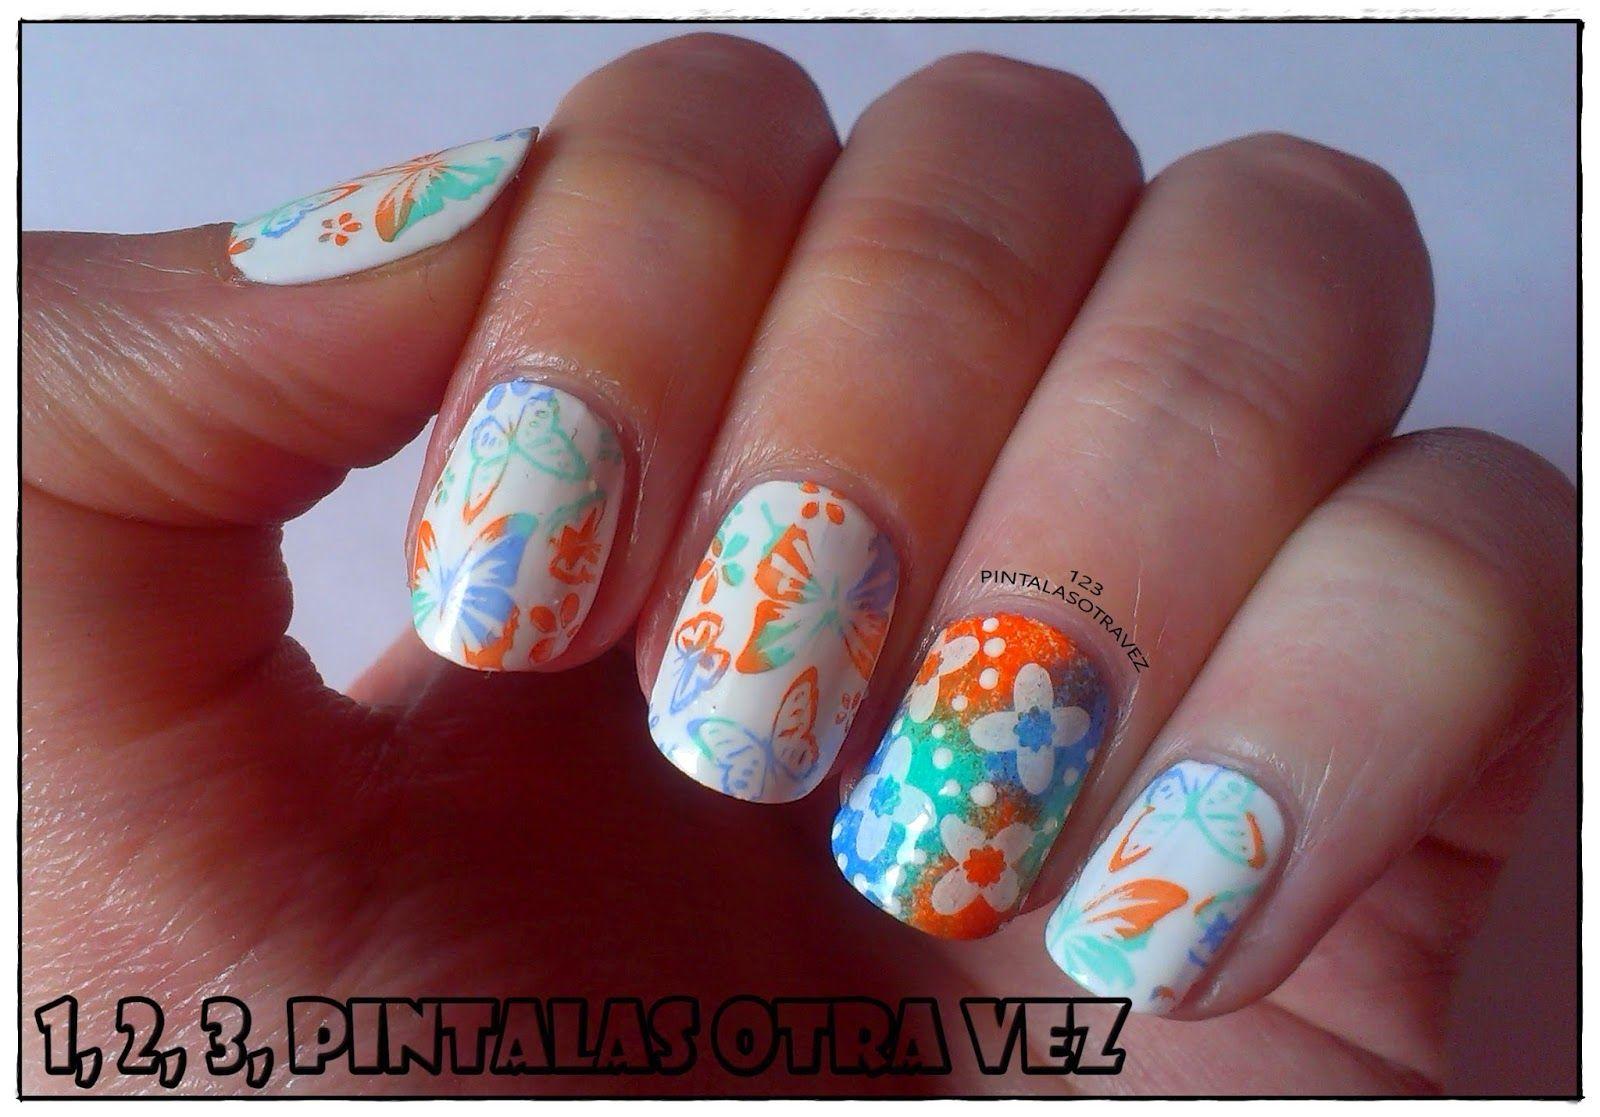 Manicura Spring Nails. Concurso Pueen 32;39